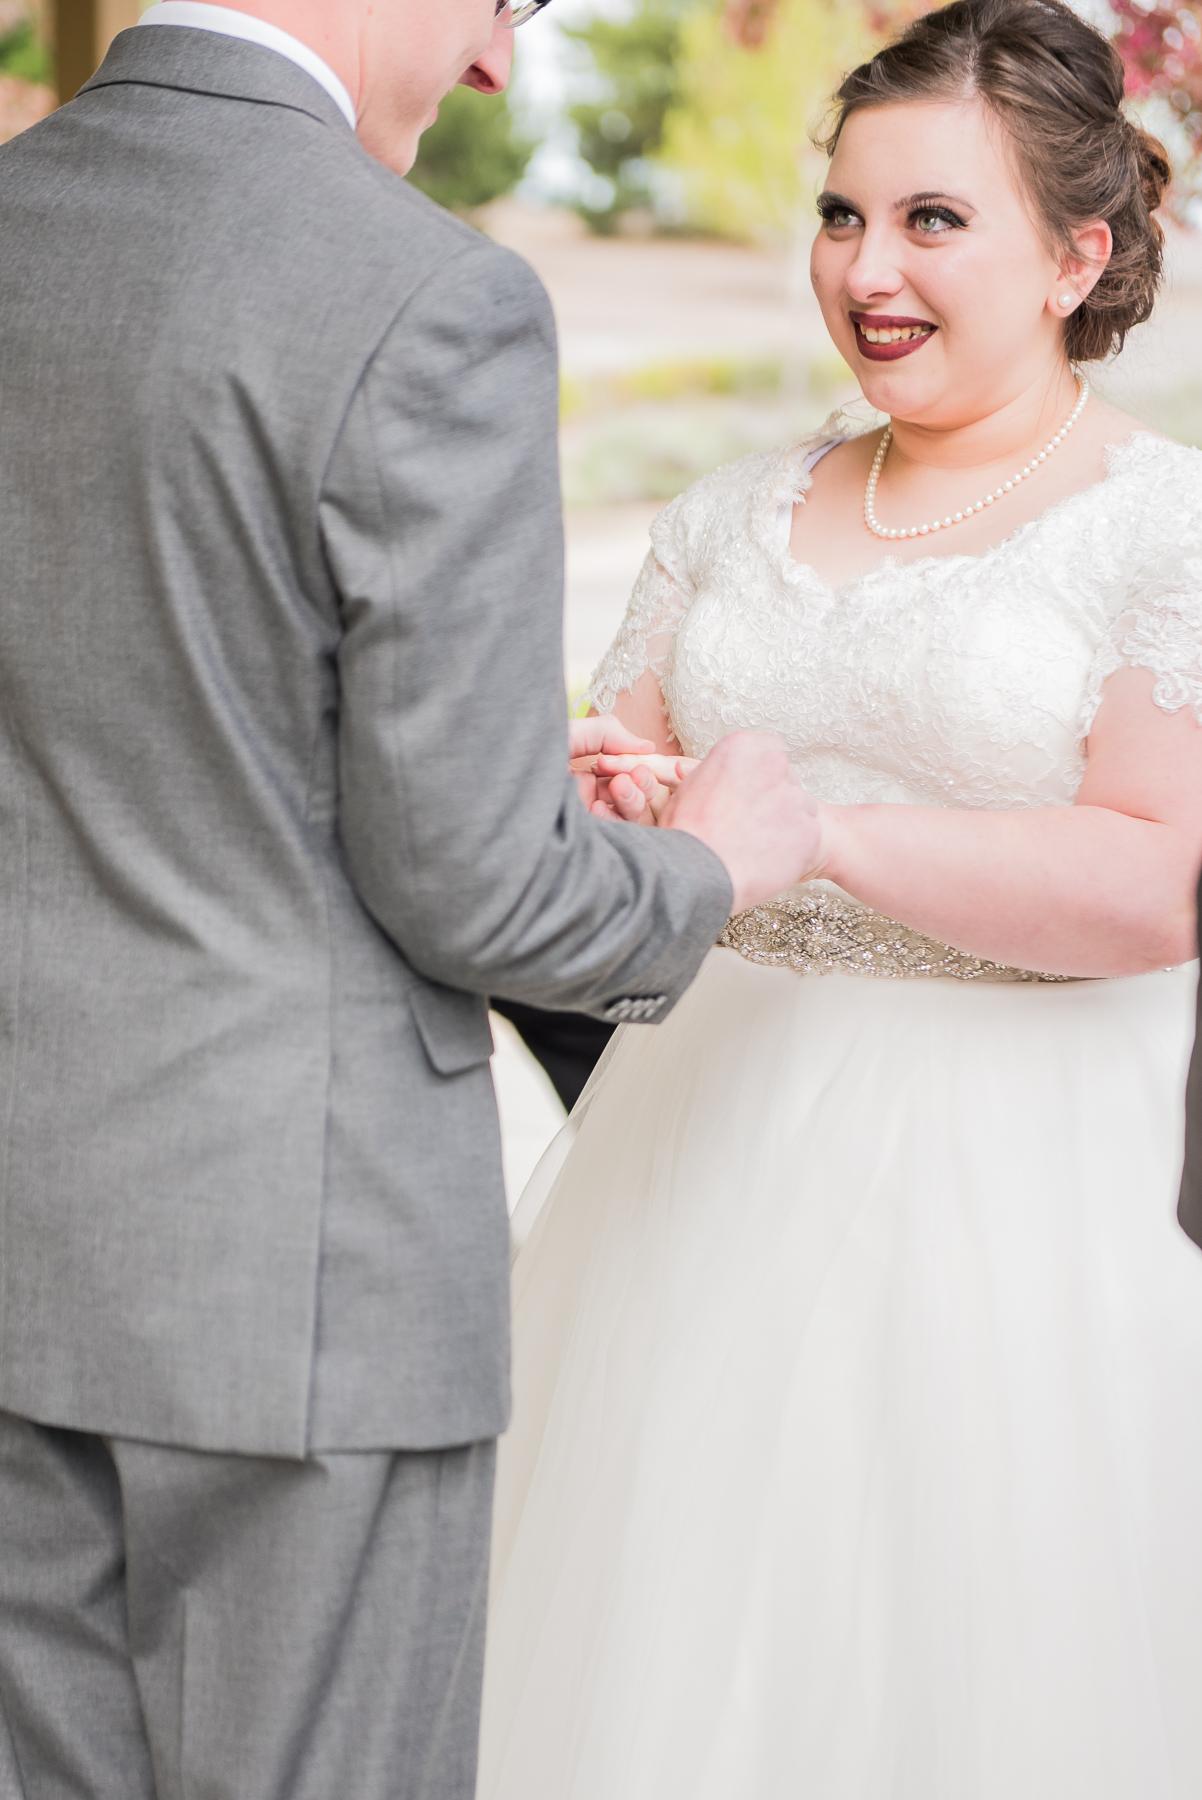 Rachel+Peter Wedding-52.jpg